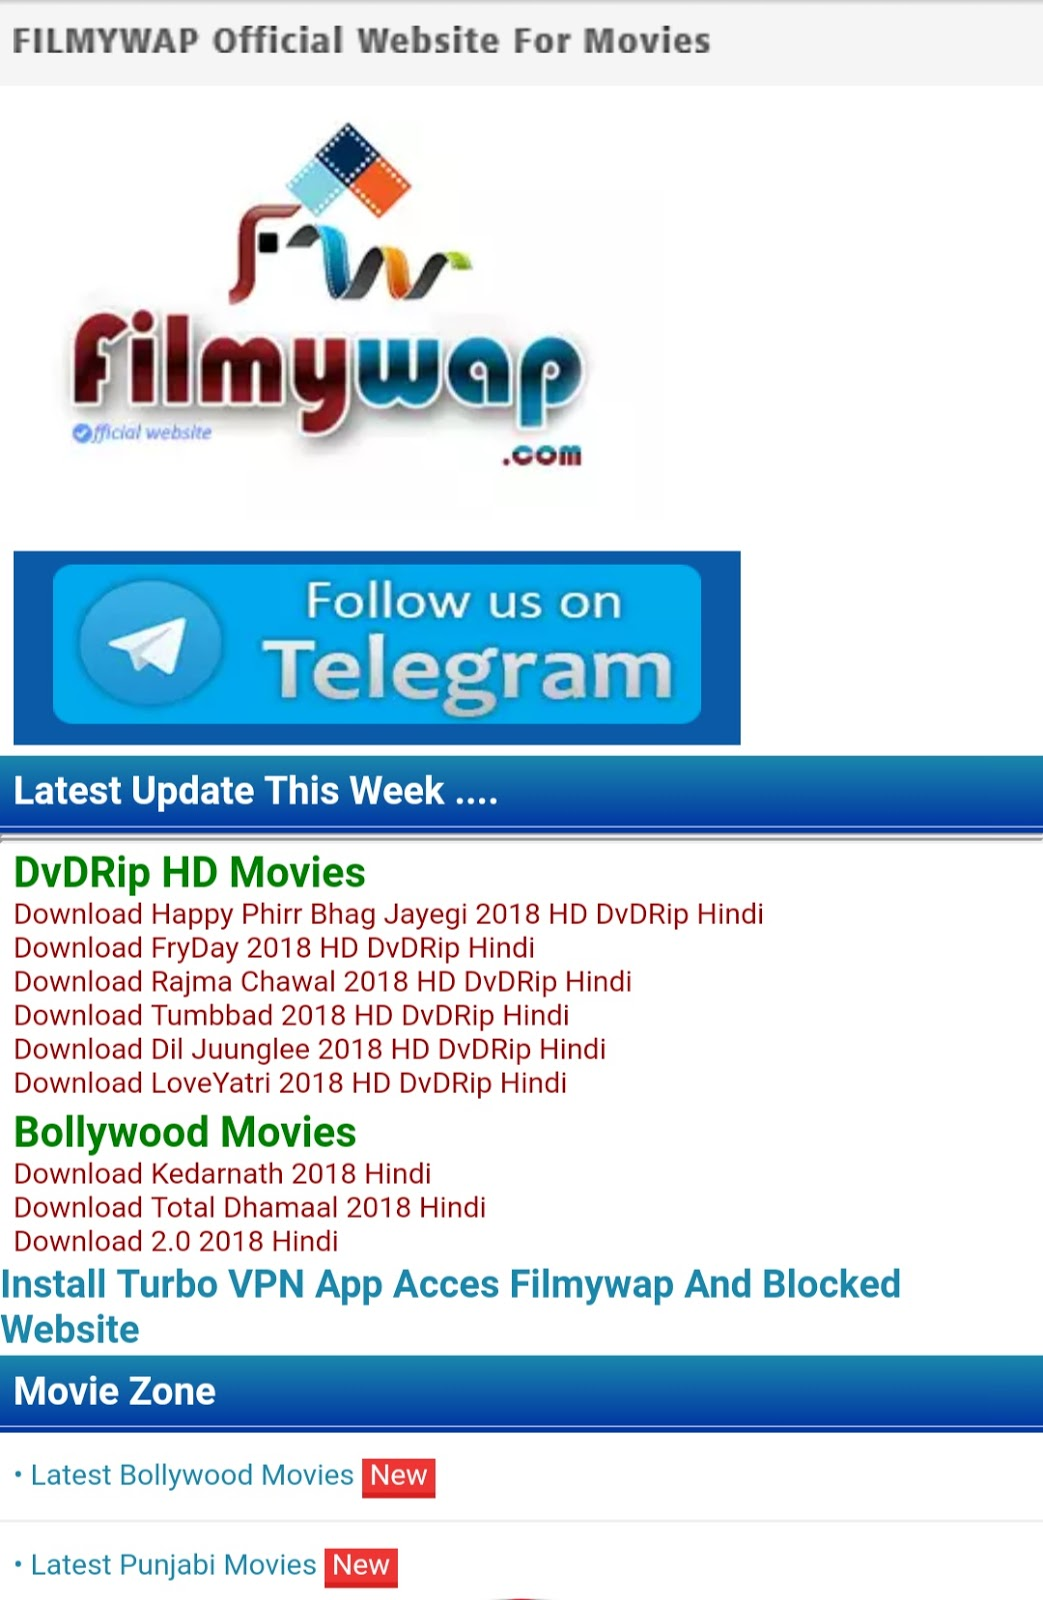 kedarnath full movie watch online free hd filmywap